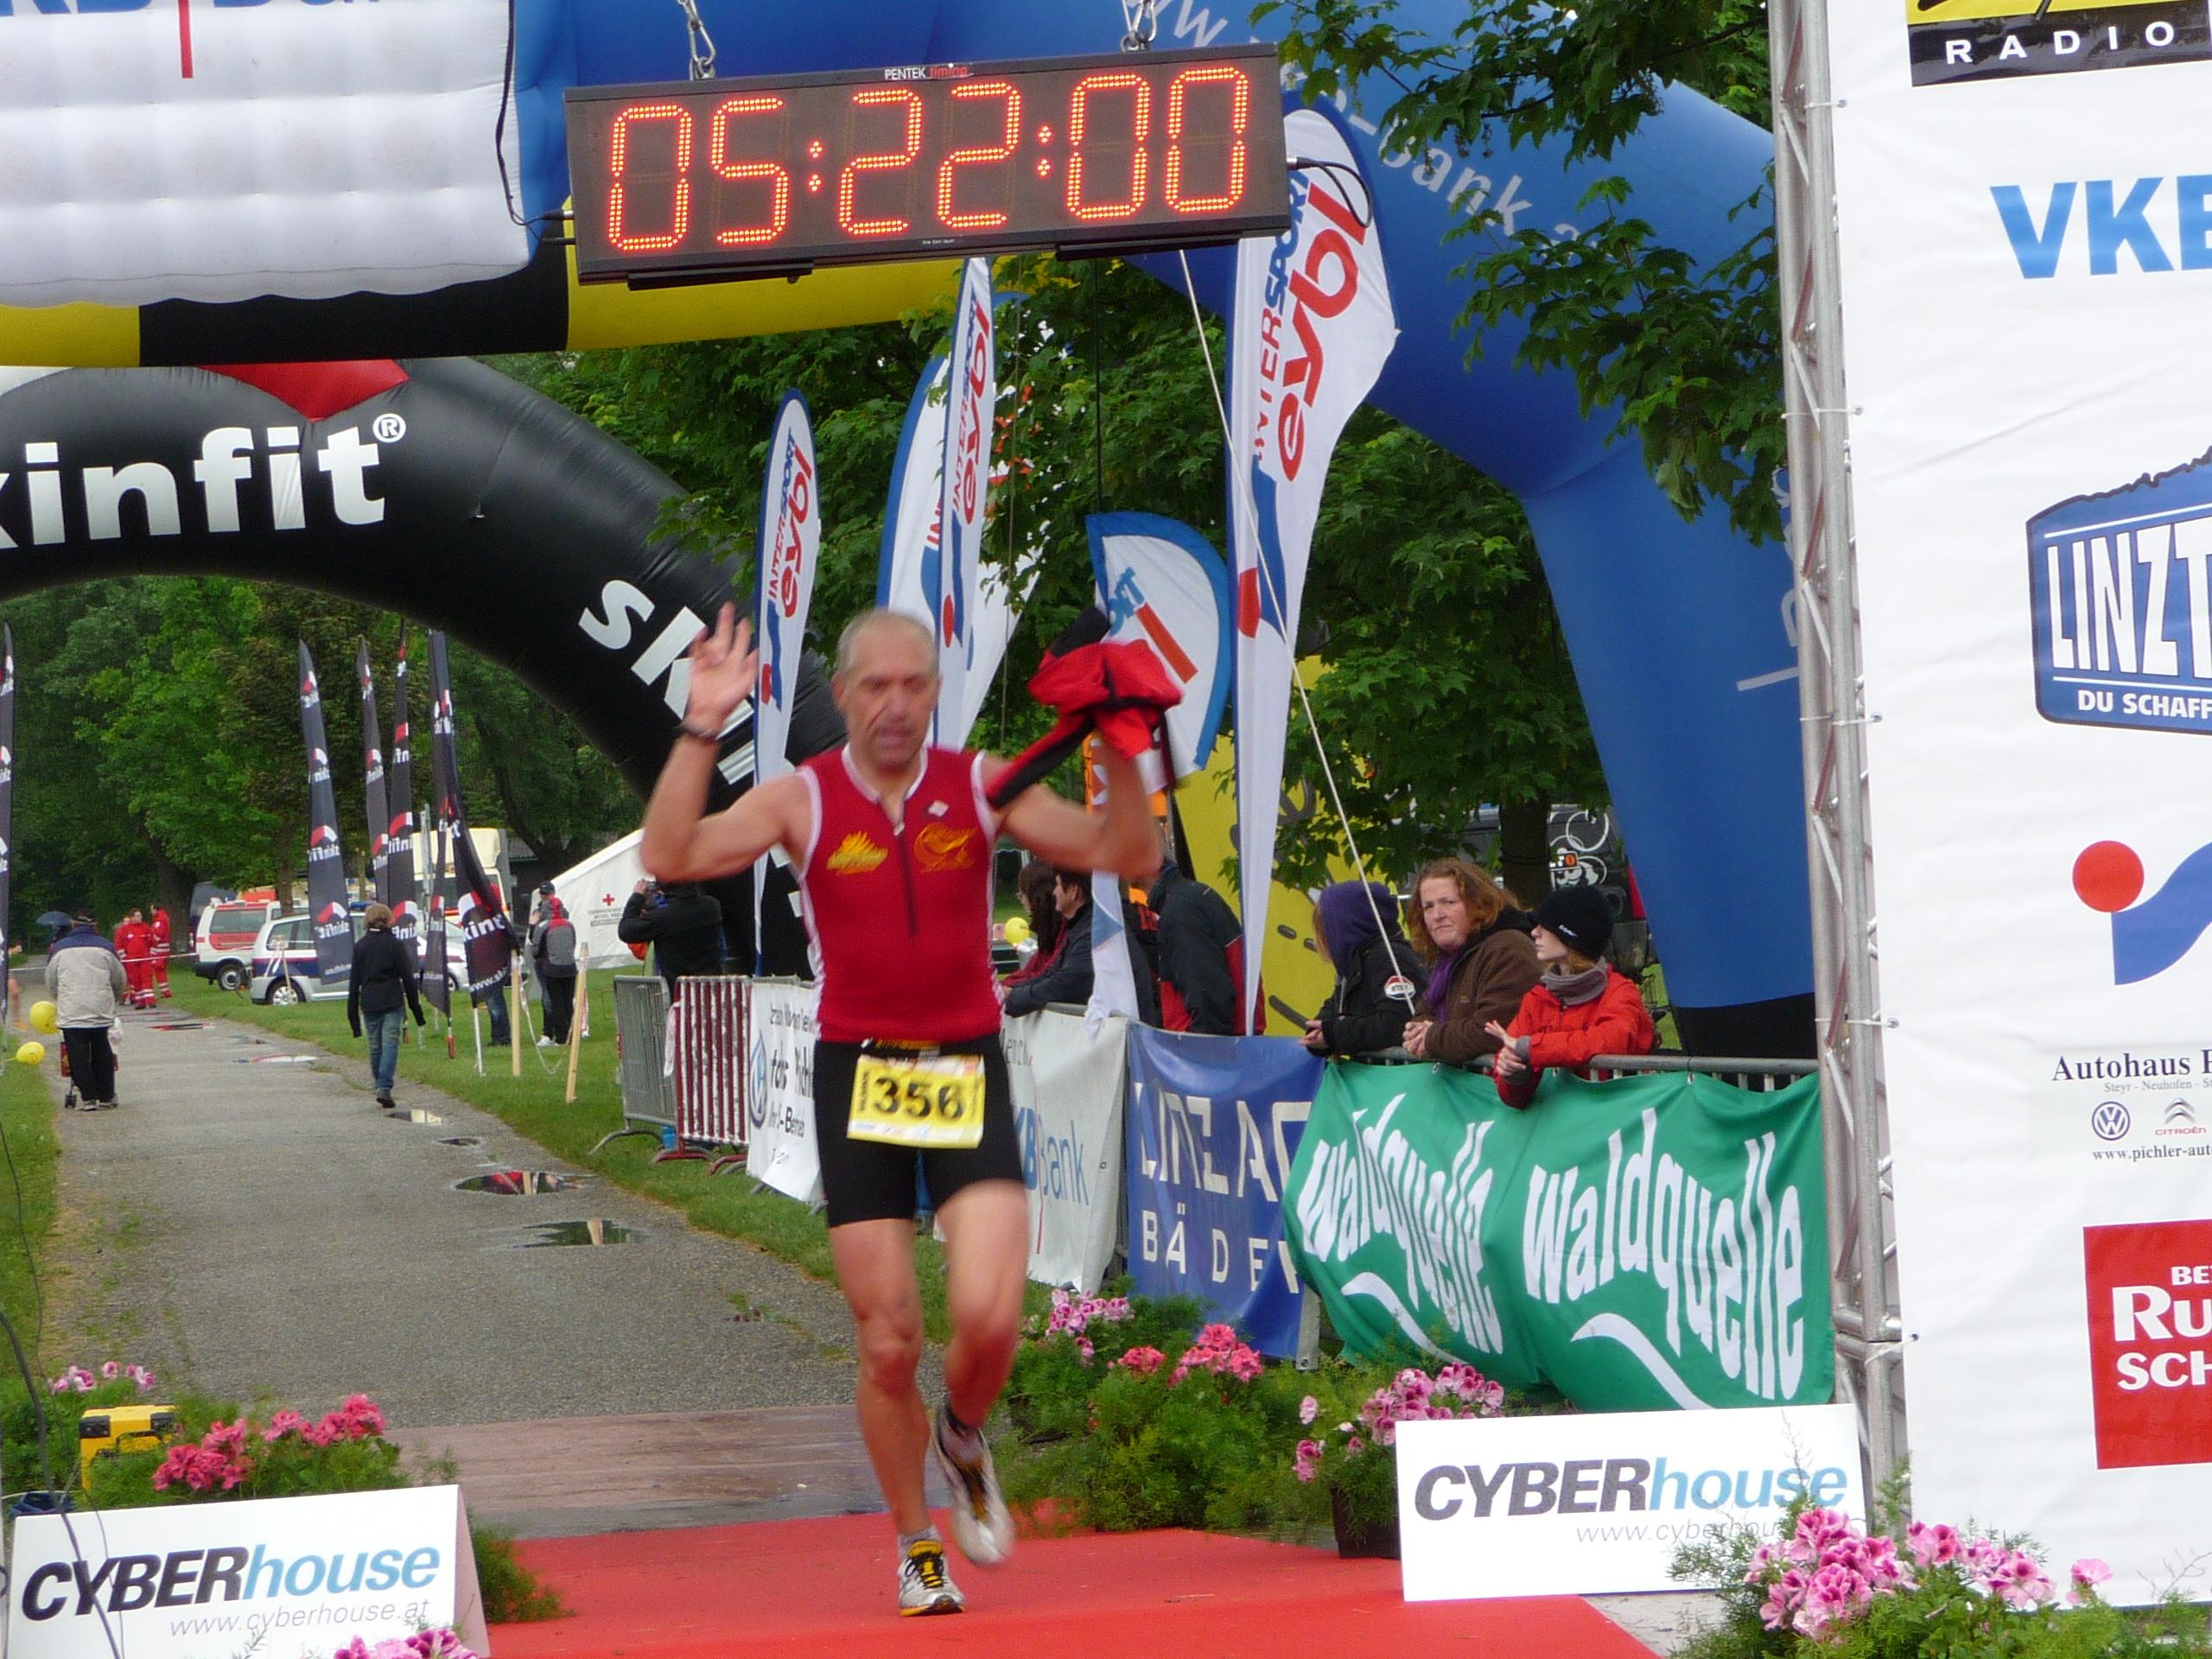 gerhard danetzky finisher linz 2010